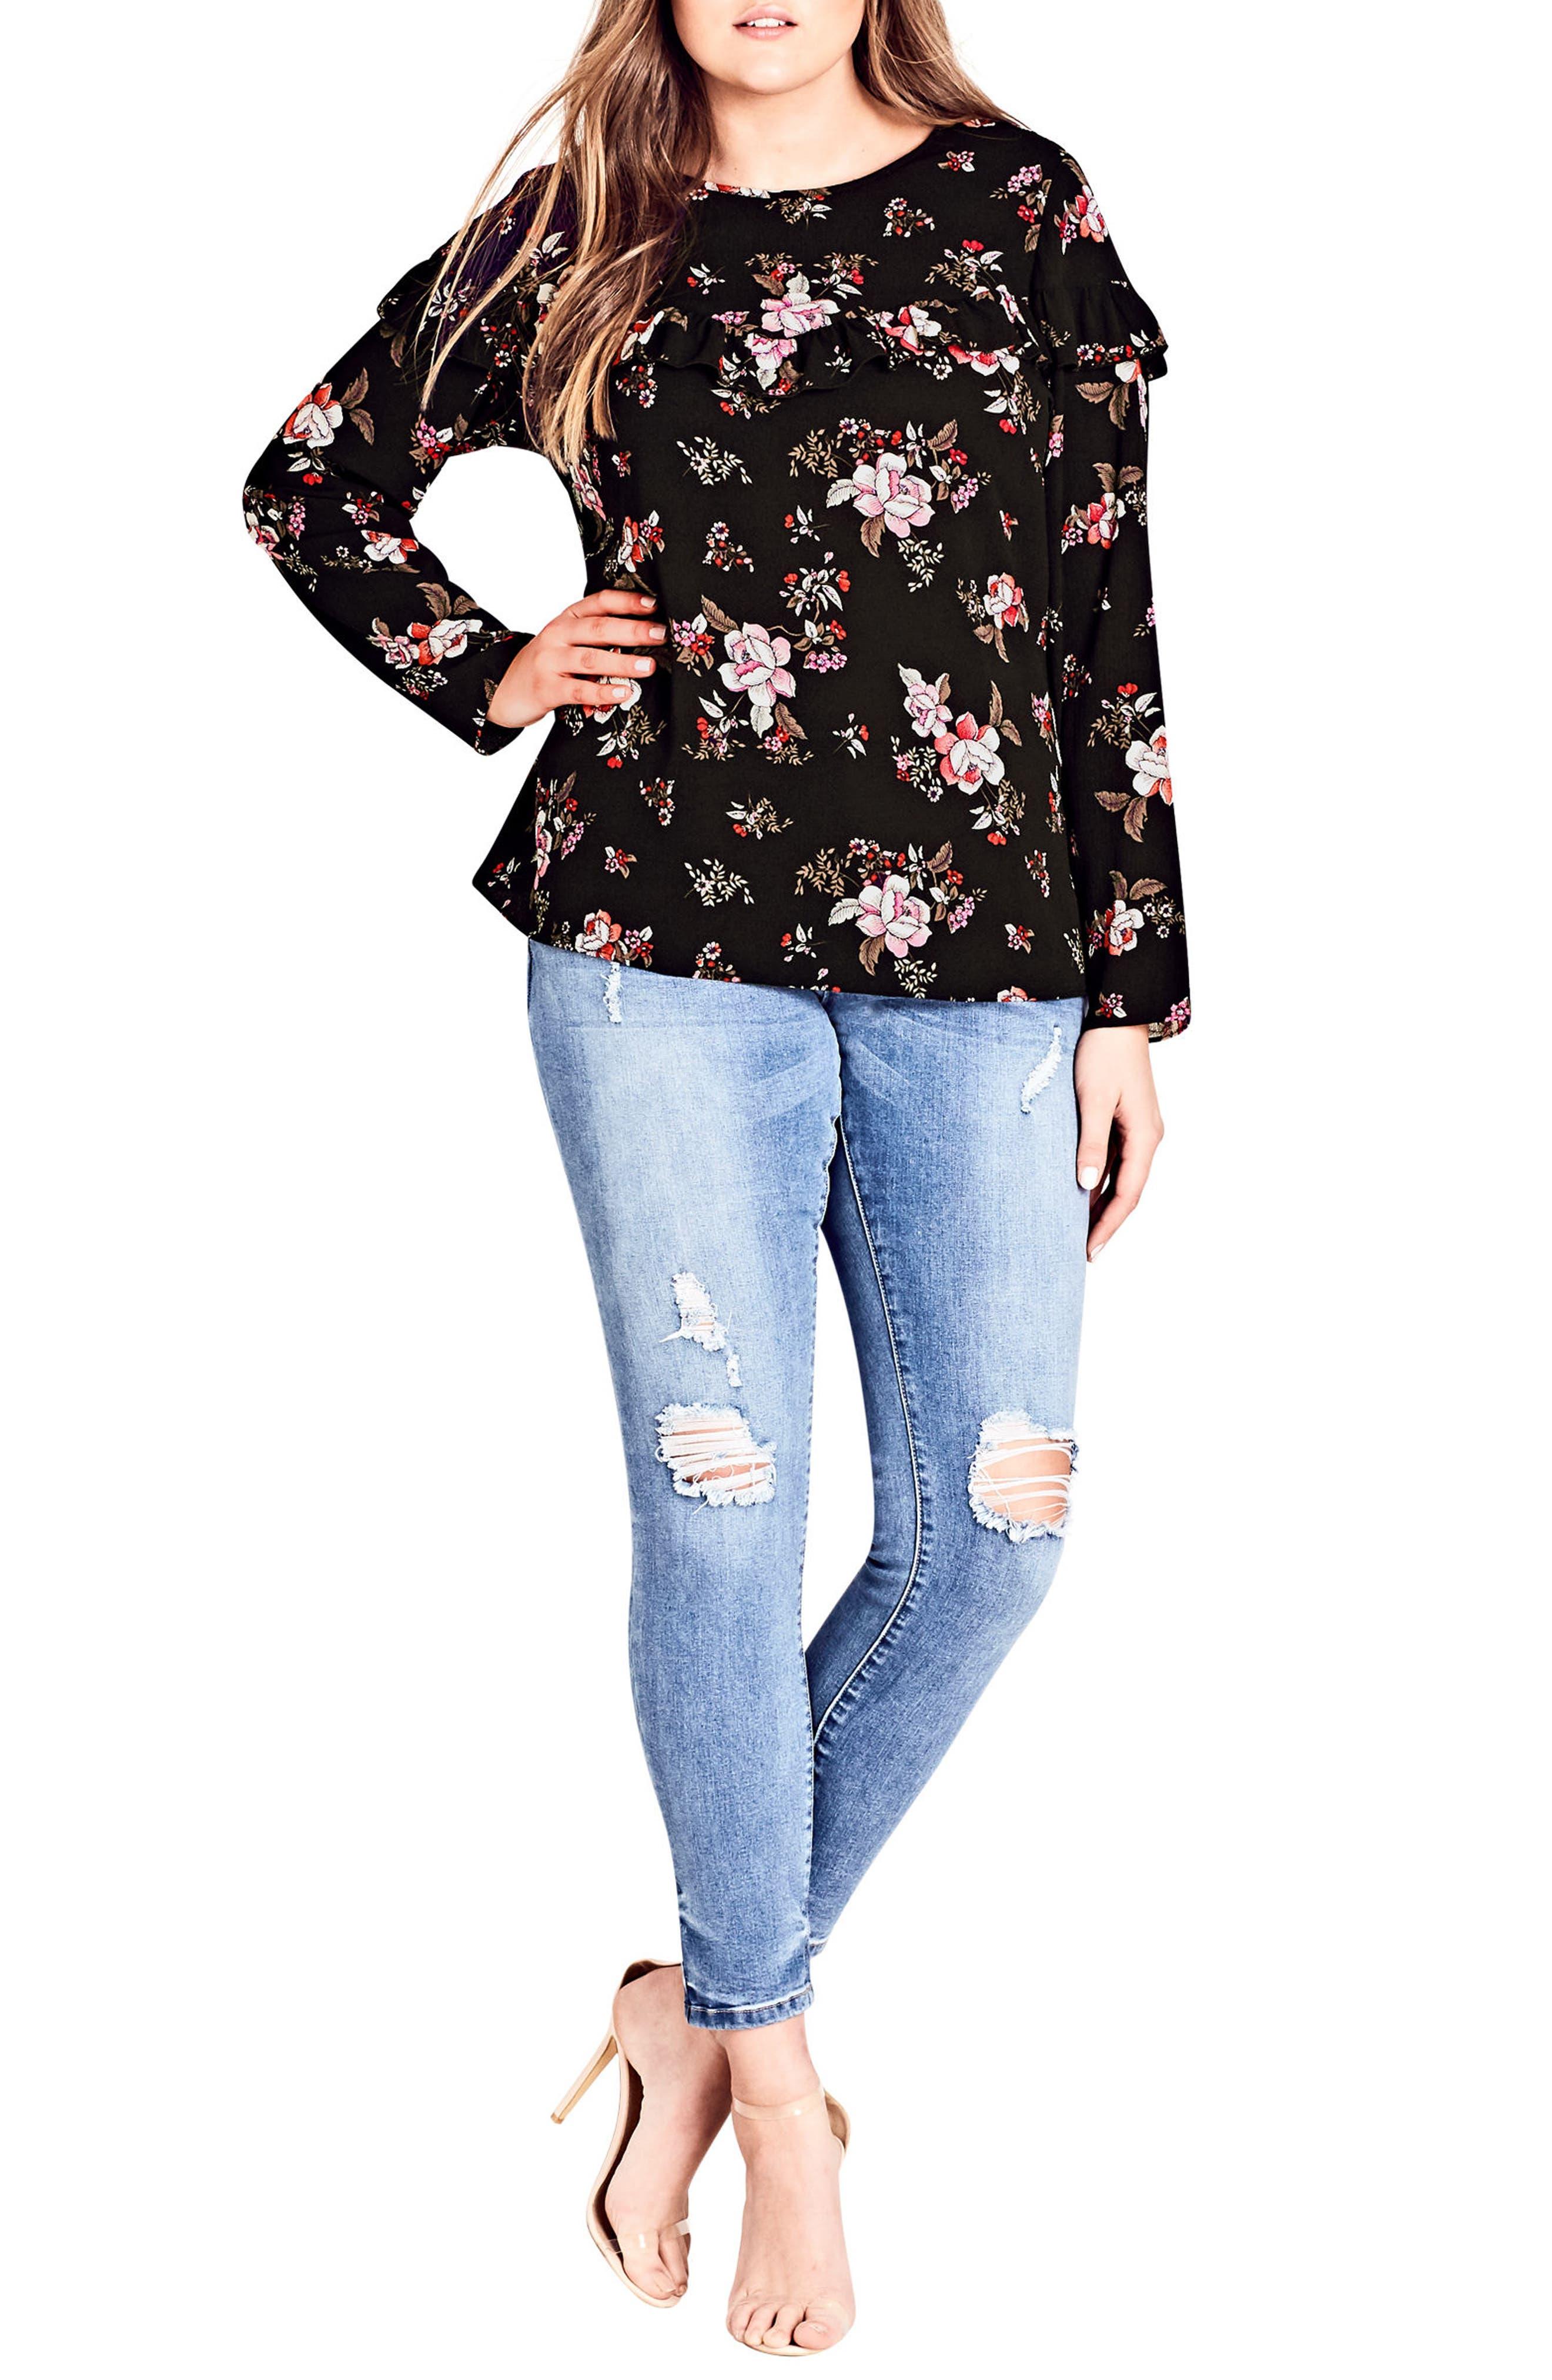 Main Image - City Chic Floral Dream Top (Plus Size)